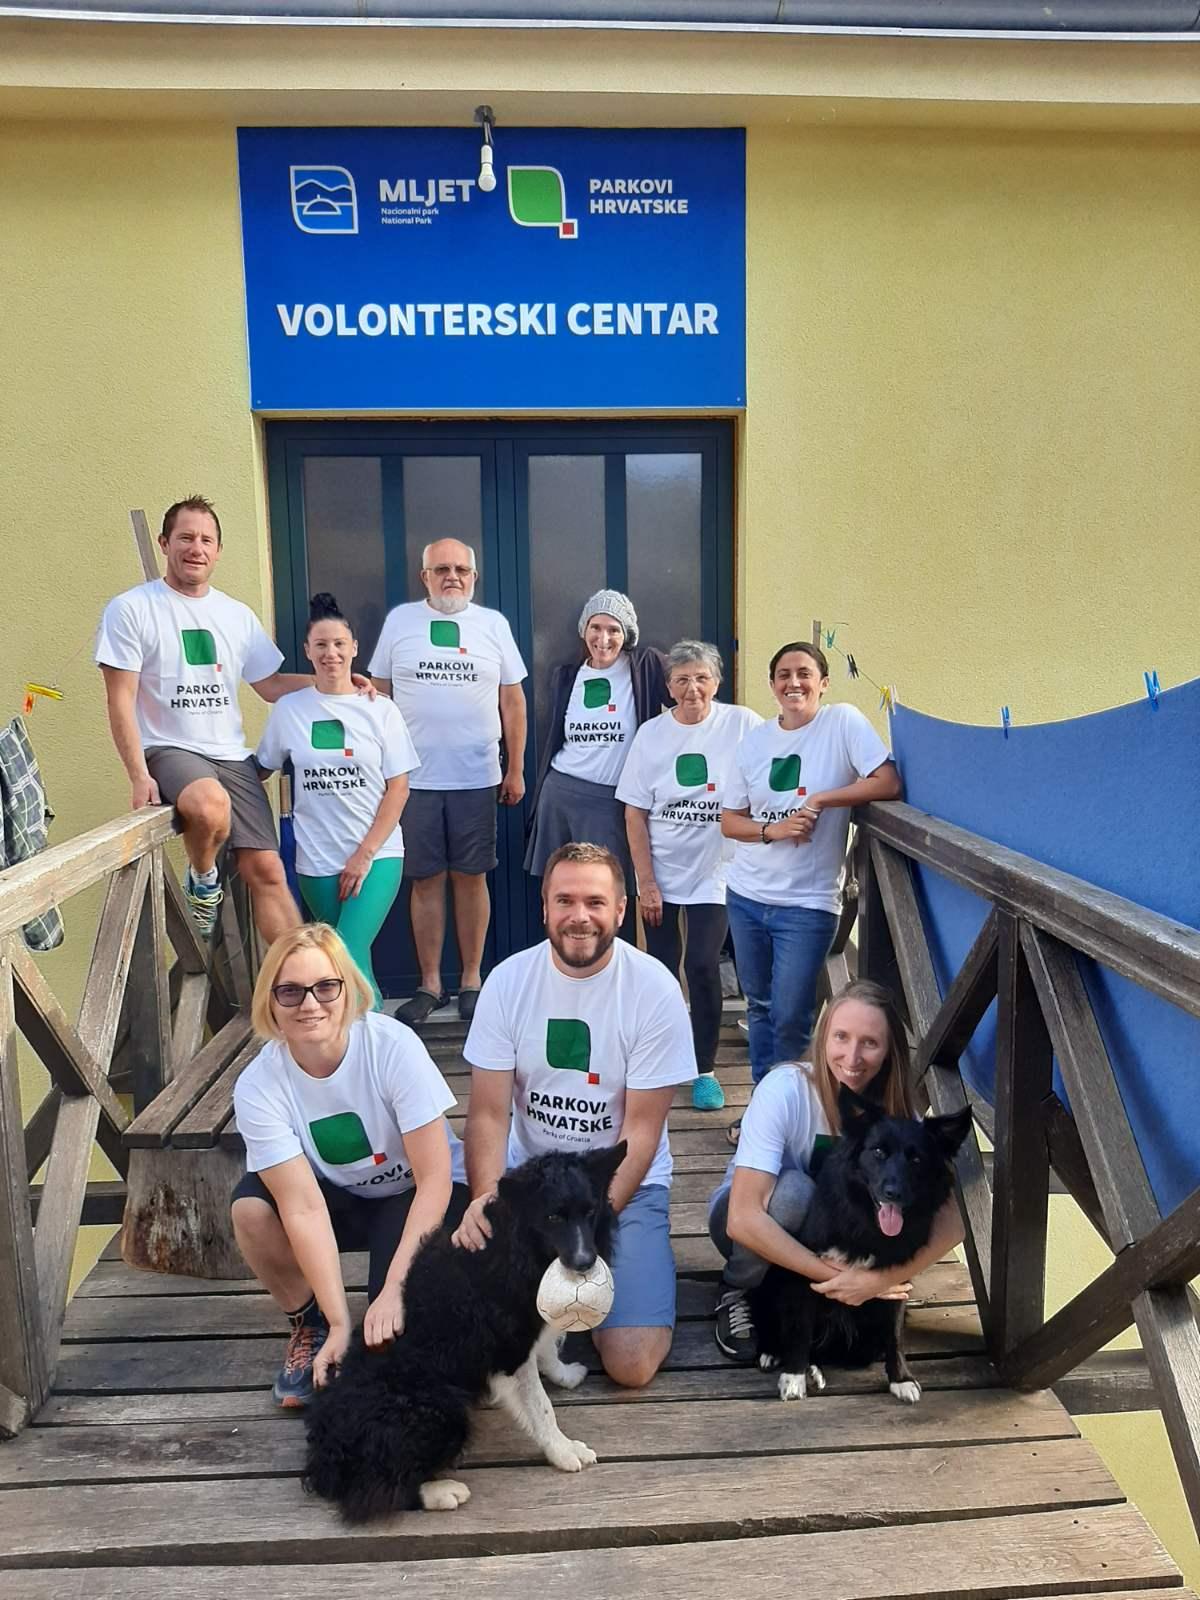 Volonterski programi u NP Mljet